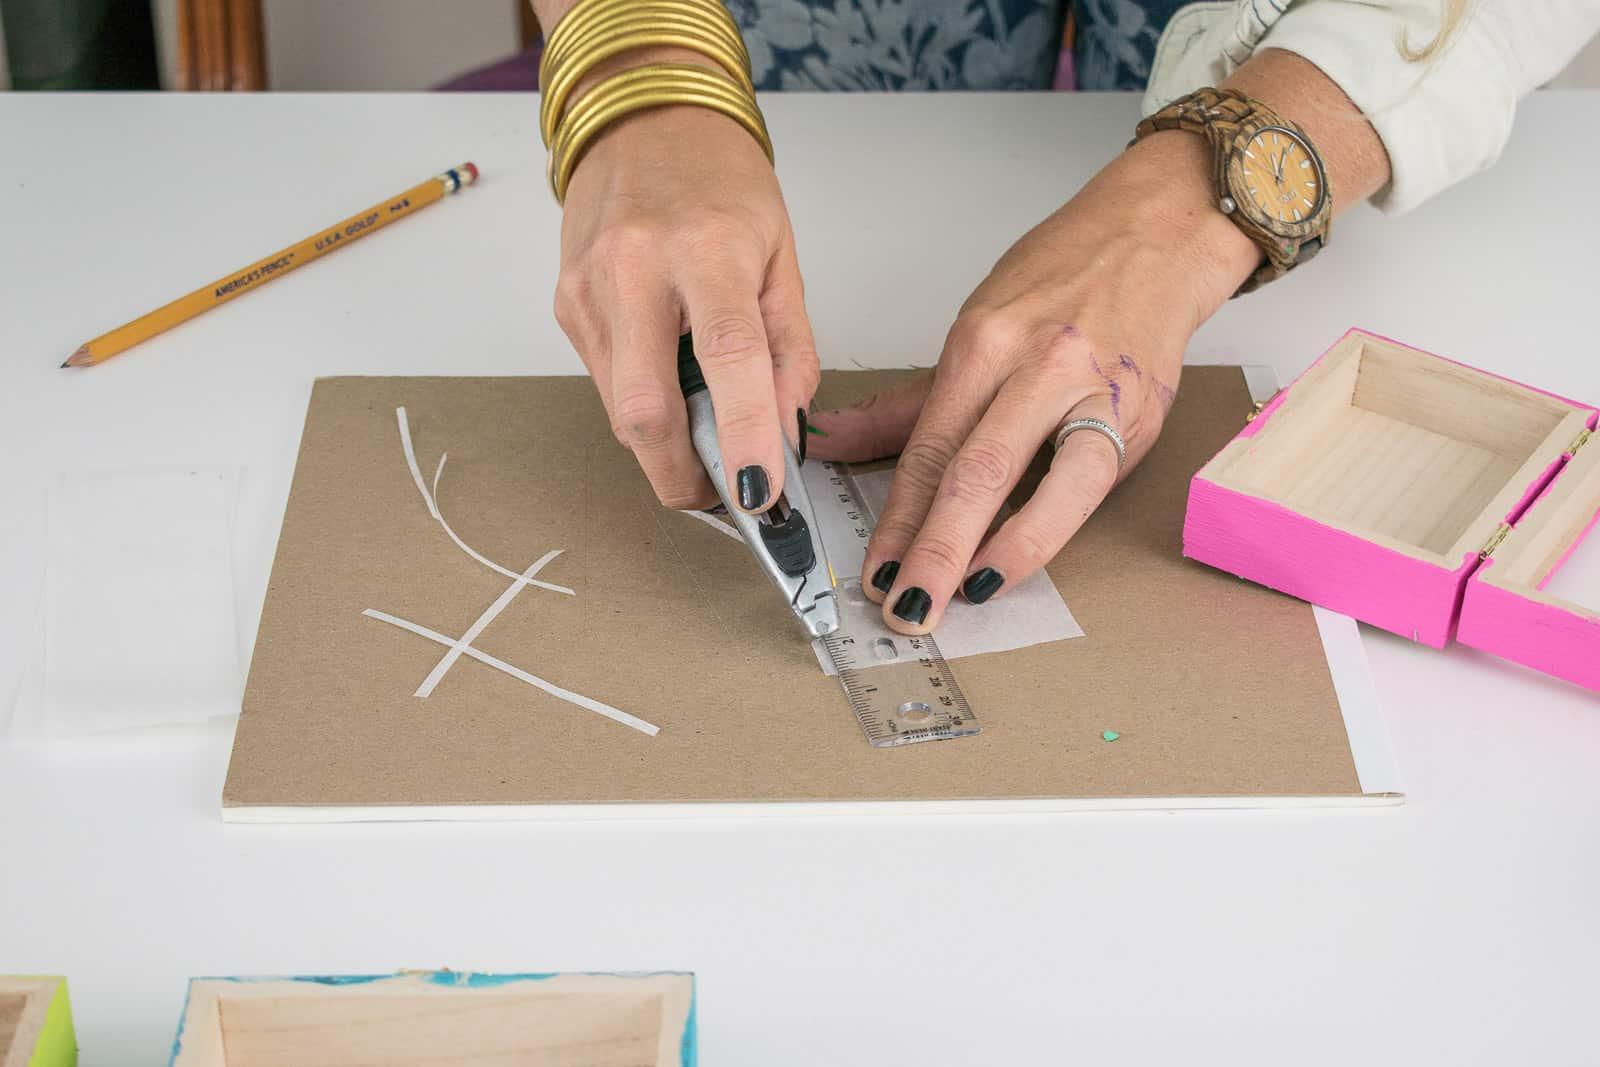 cut tracing paper